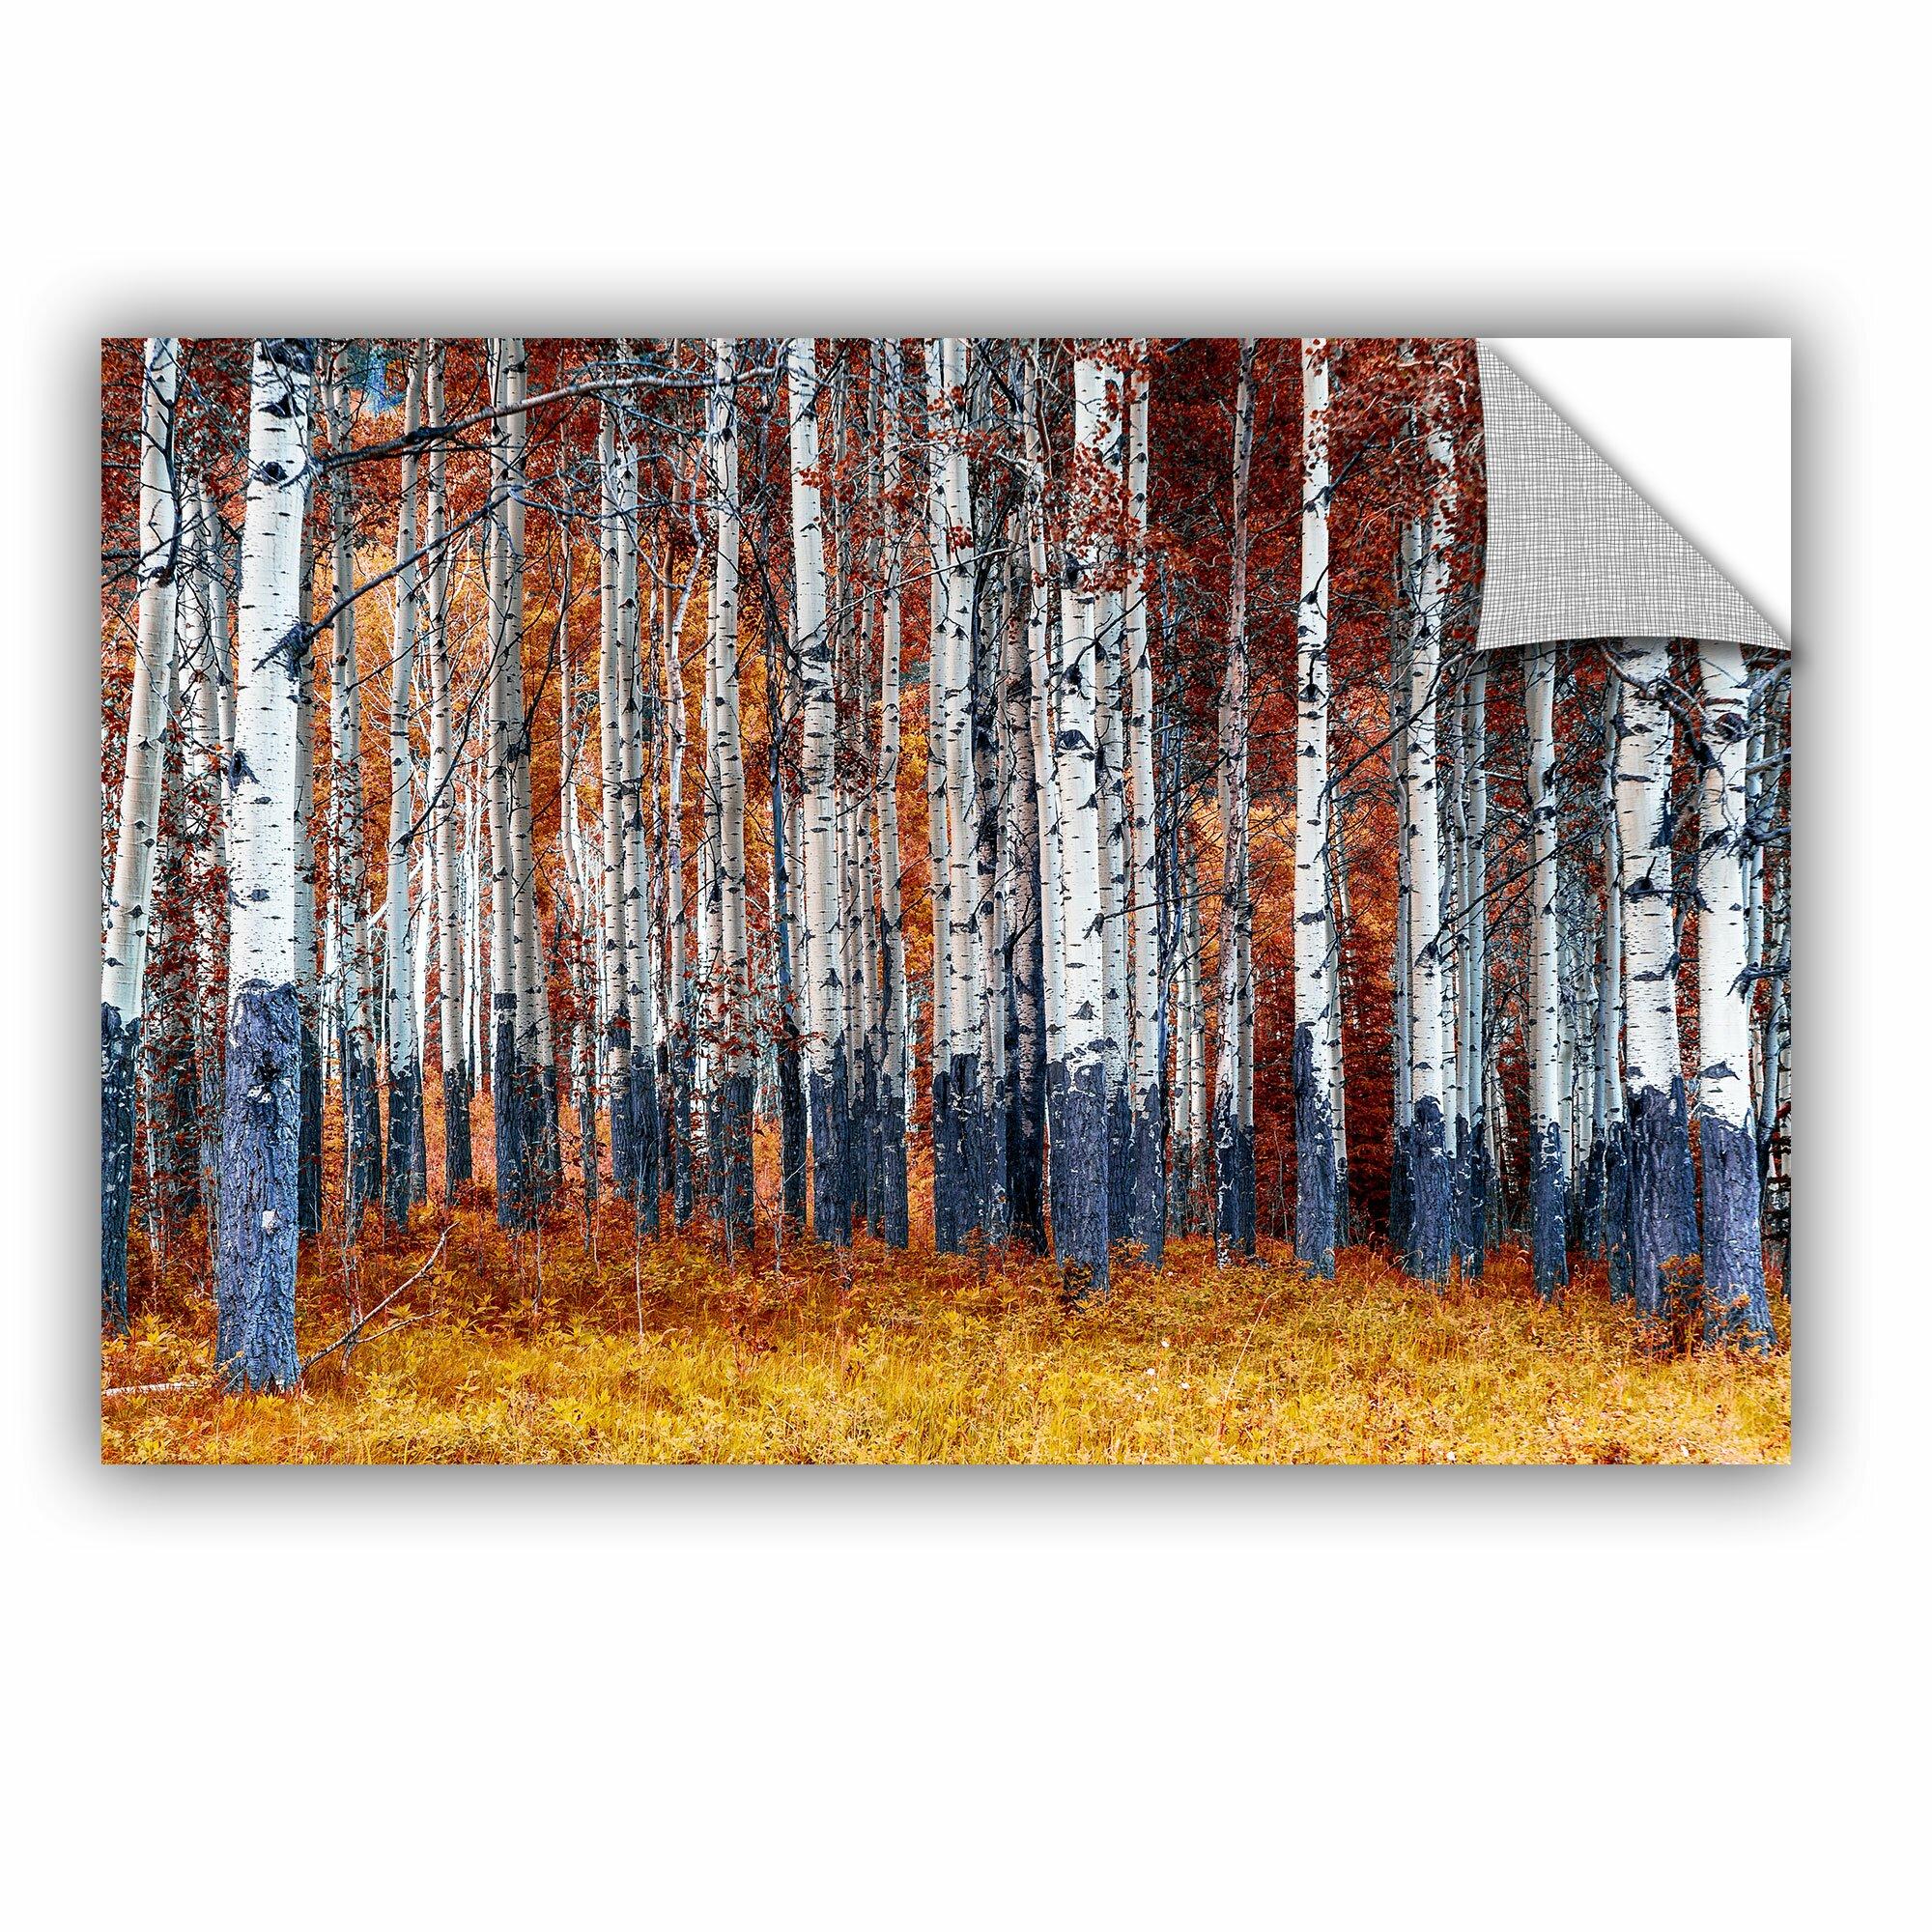 Artwall autumn forest wall mural wayfair for Autumn forest mural